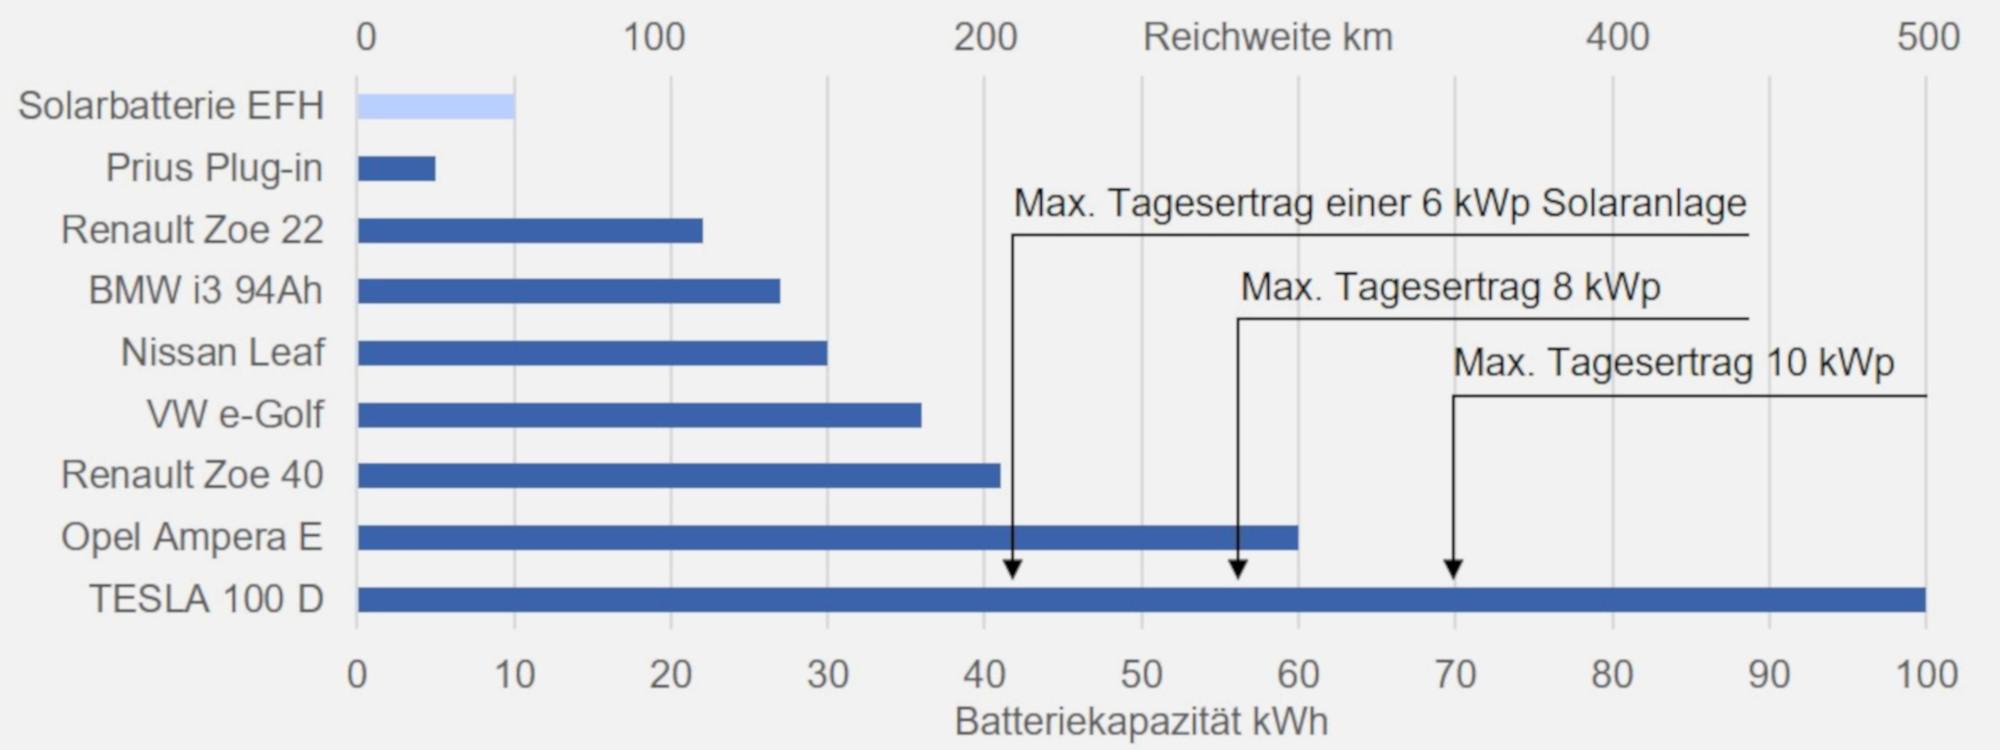 Grafik Distanzen von Elektrofahrzeugen